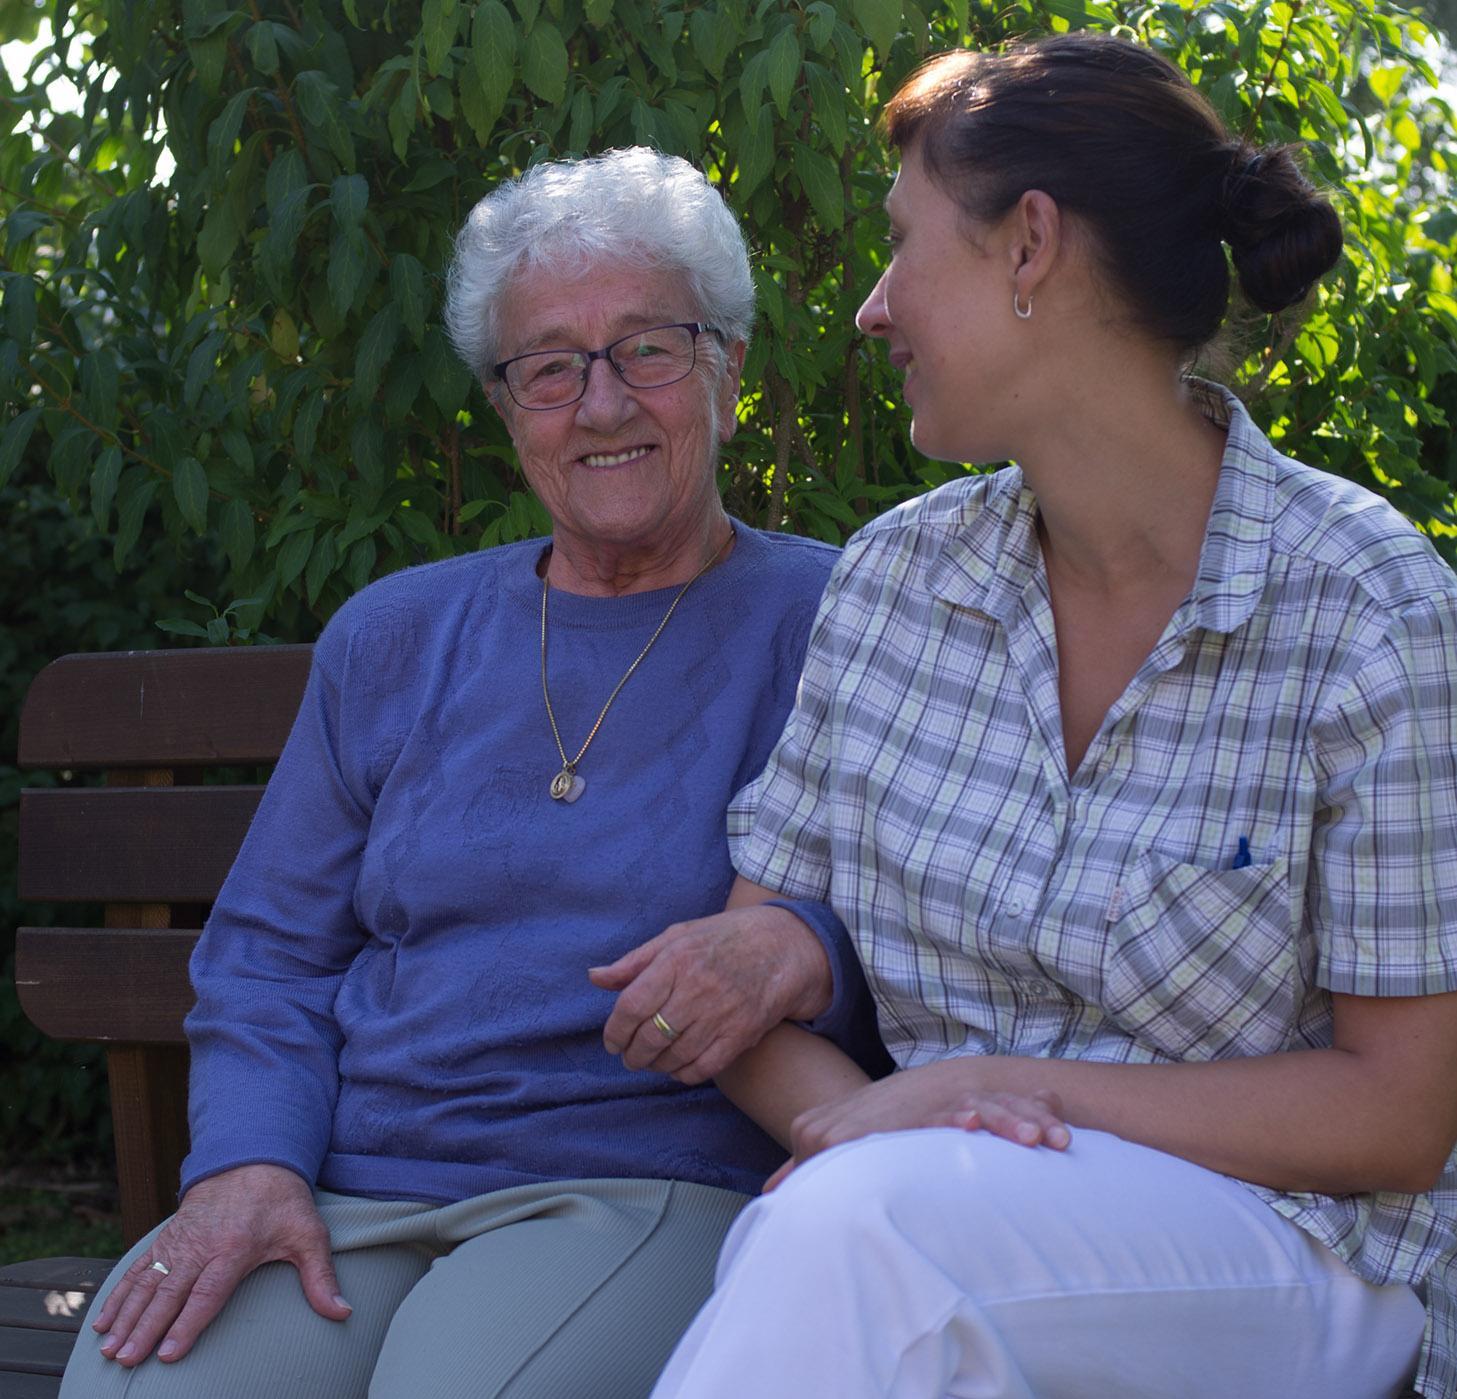 Kurzzeitpflege - Pflegerin mit Seniorin